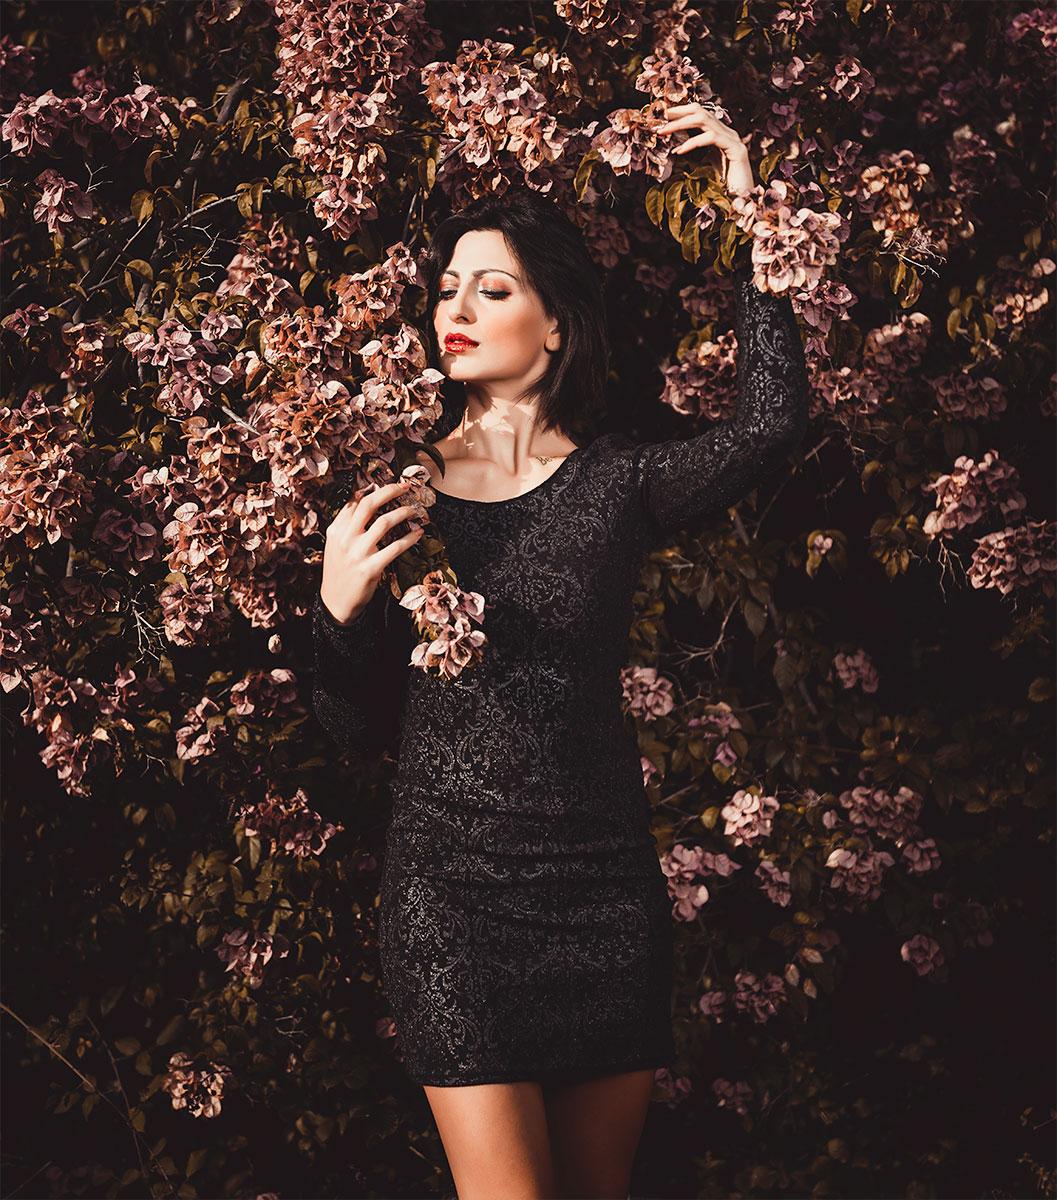 modella posa tra fiori in autunno